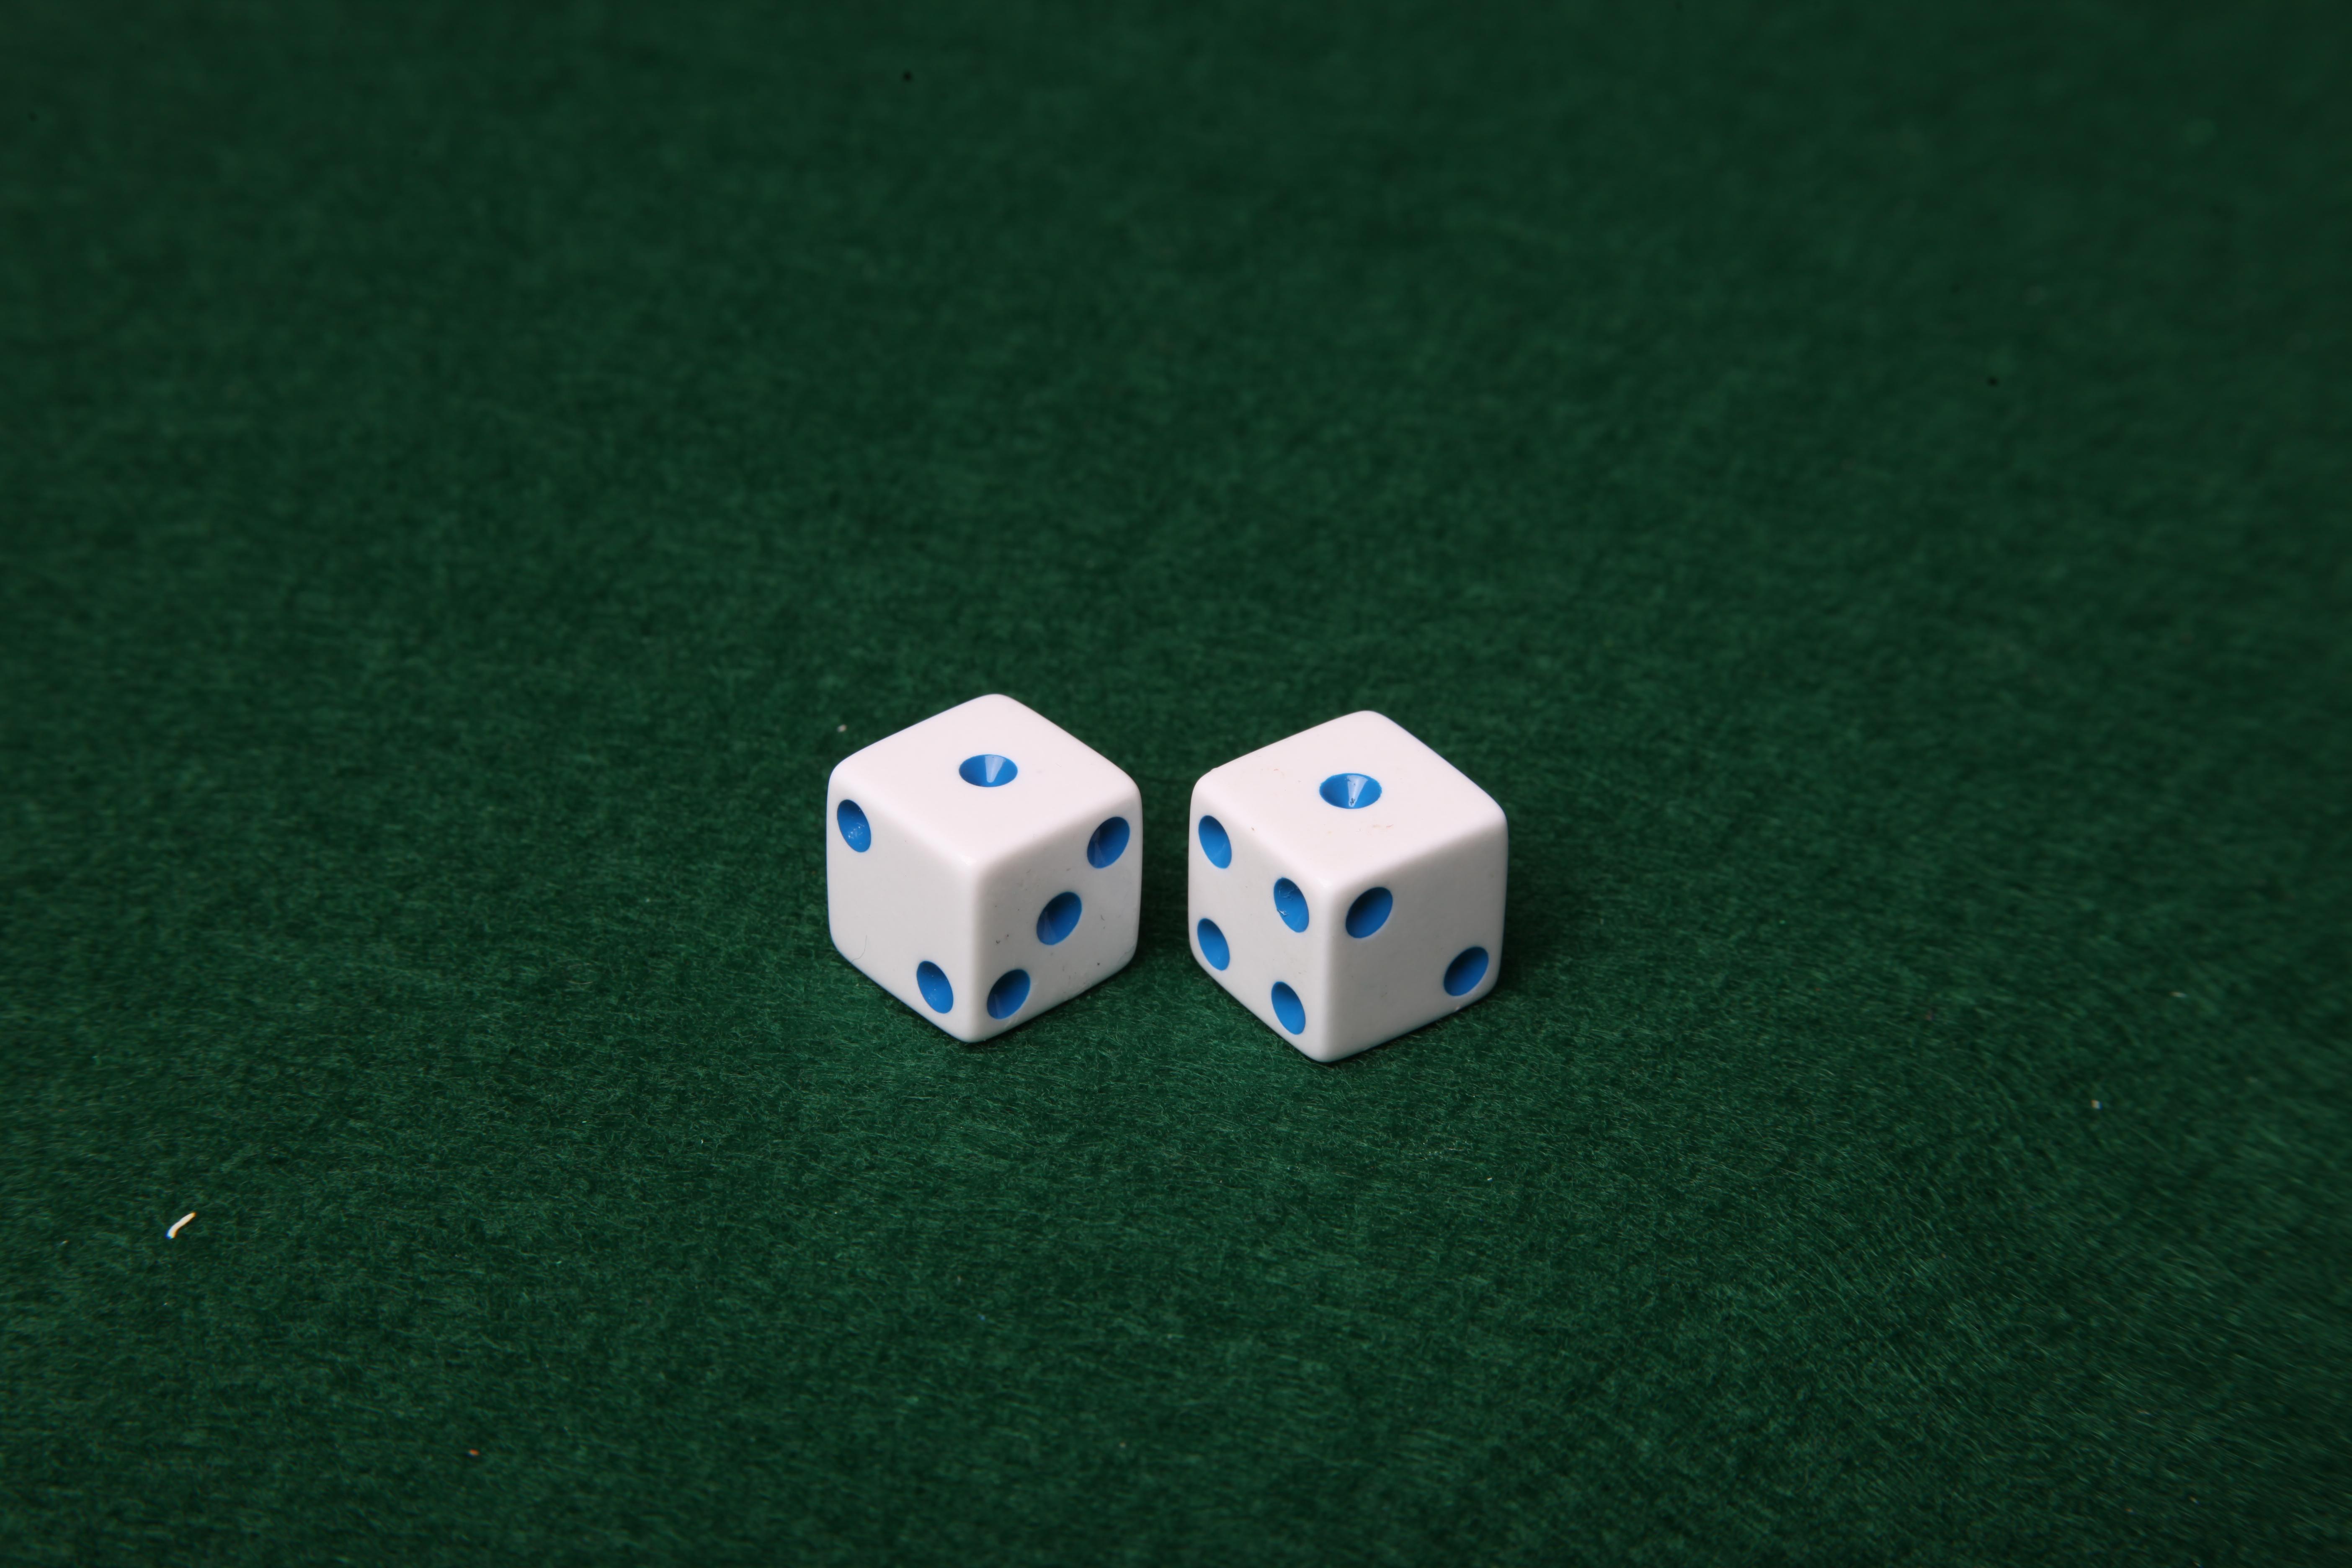 Dice on green felt table, Addiction, Bet, Dice, Felt, HQ Photo